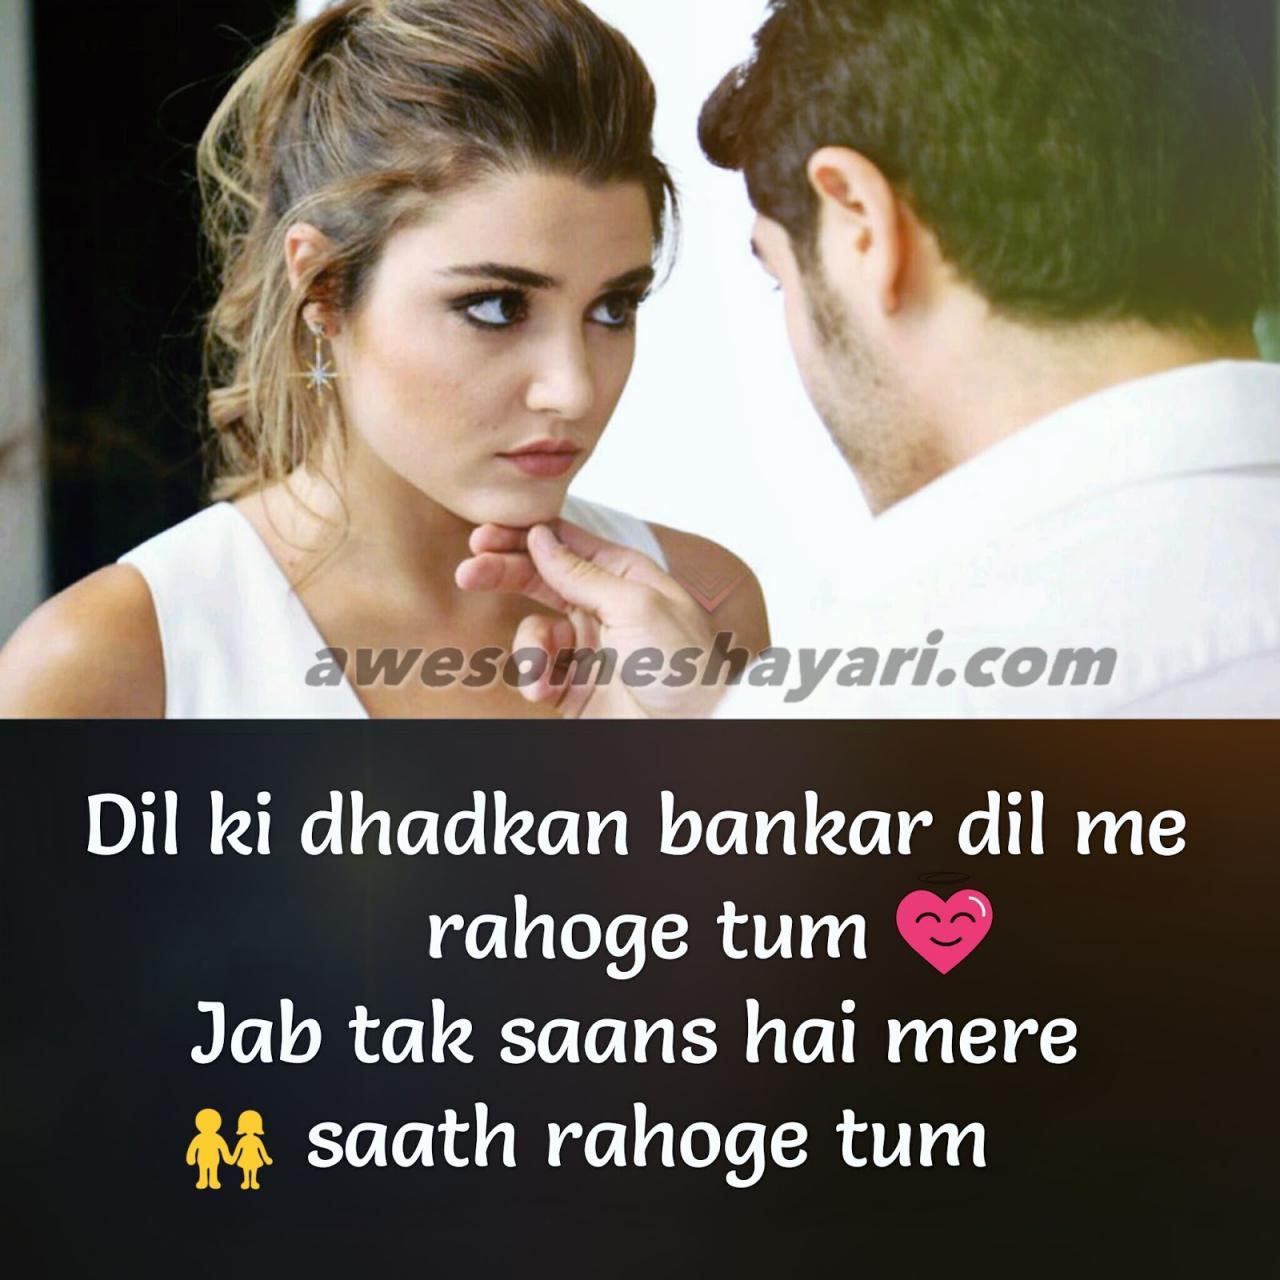 True Love Shayari Images For Whatsapp Dp